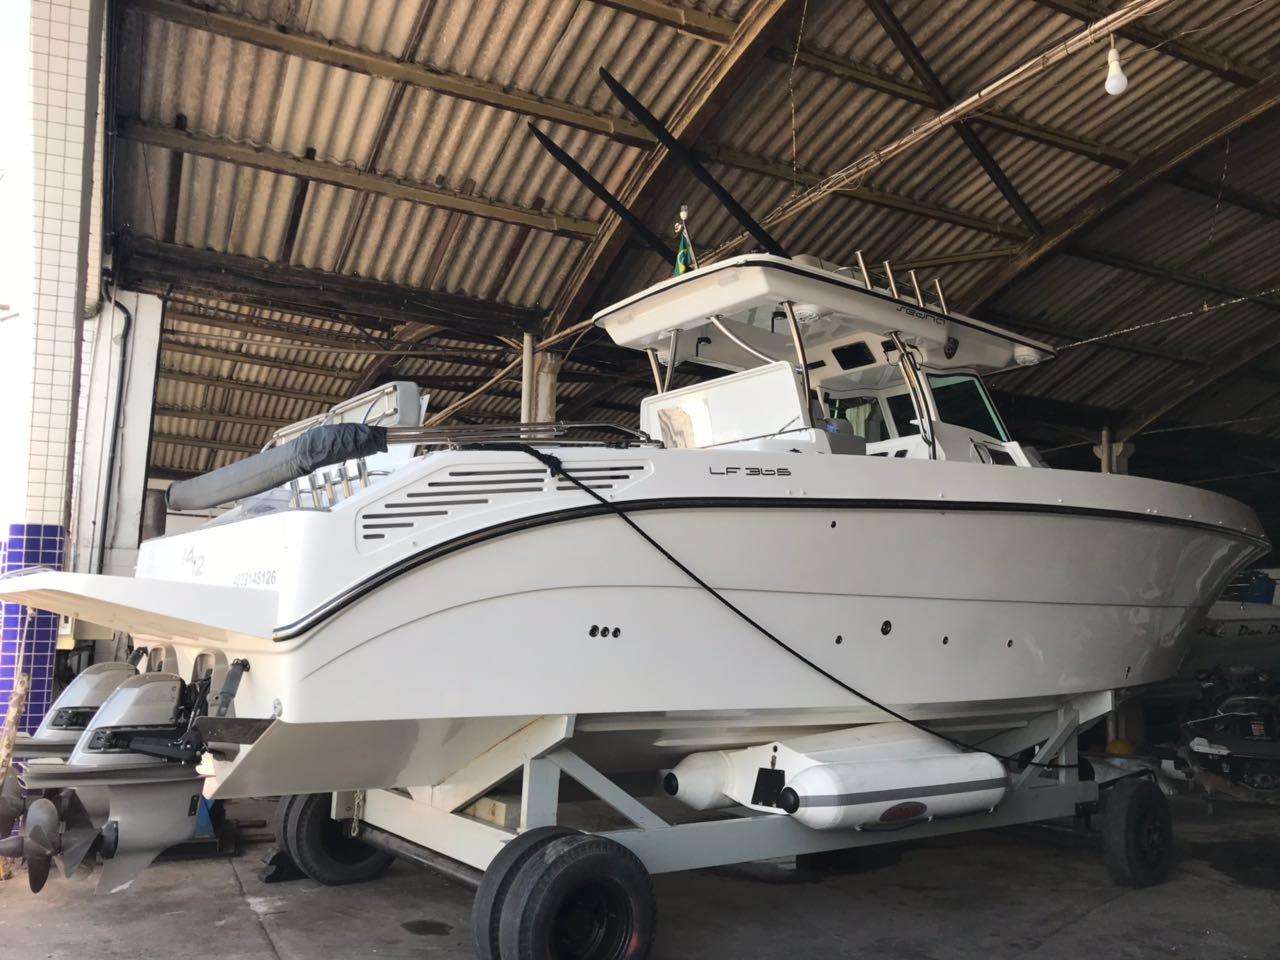 Sedna Yachts Sedna LF 365